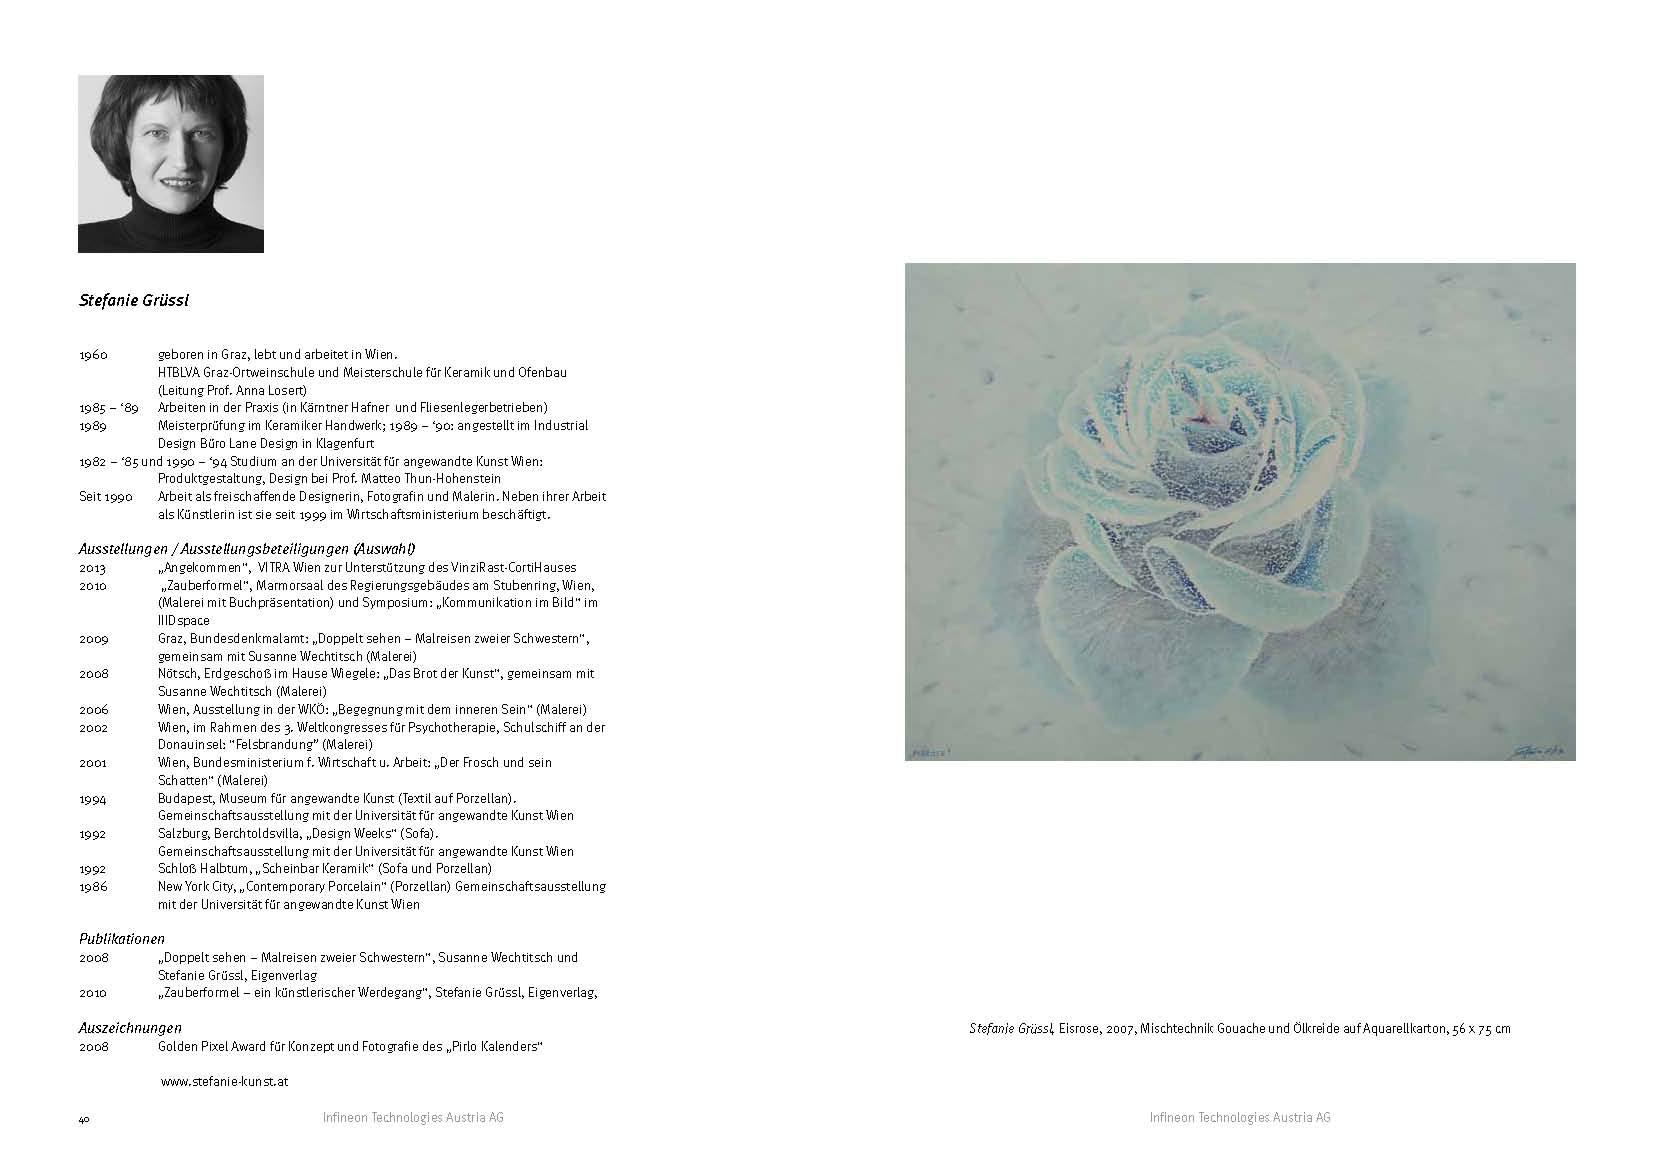 Beitrag im Katalog der Kunstsammlung von Infineon, S. 40 / 41